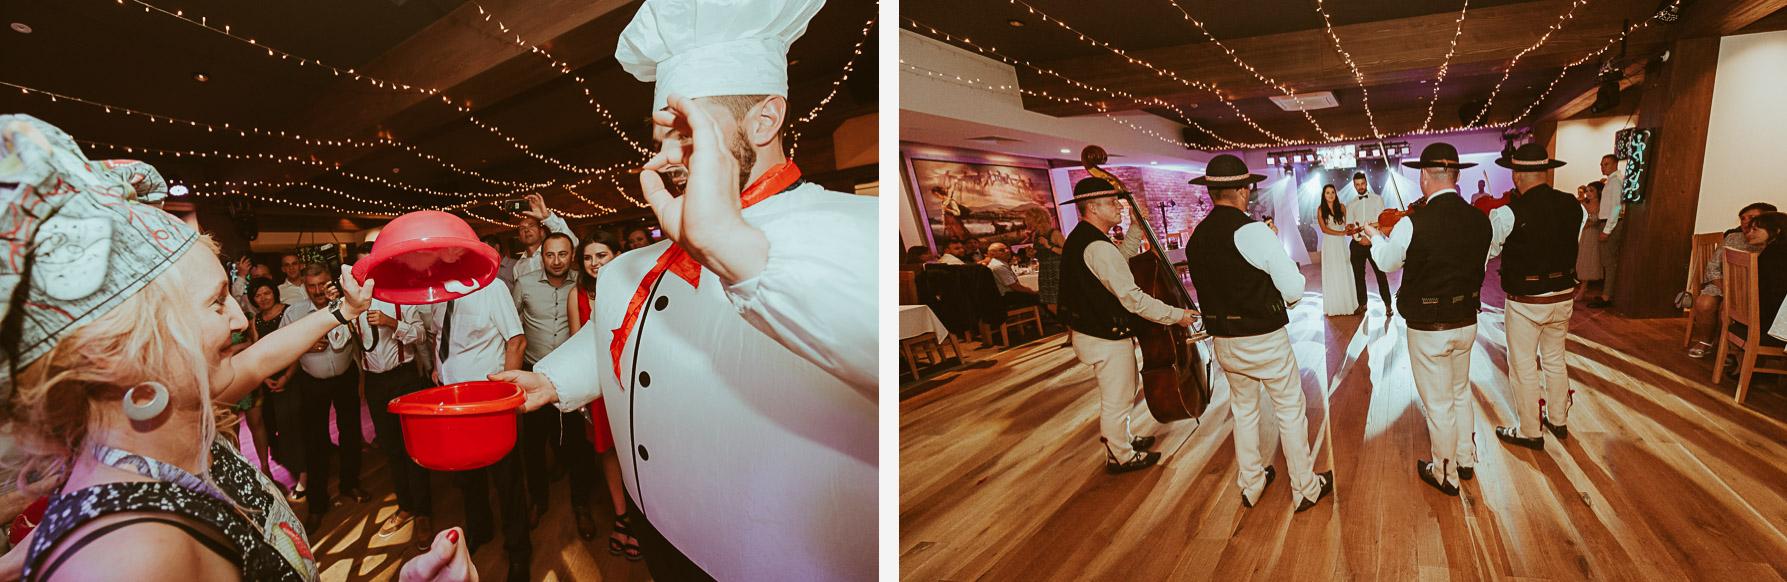 Zdjęcia Ślubne Wisła 154 42v